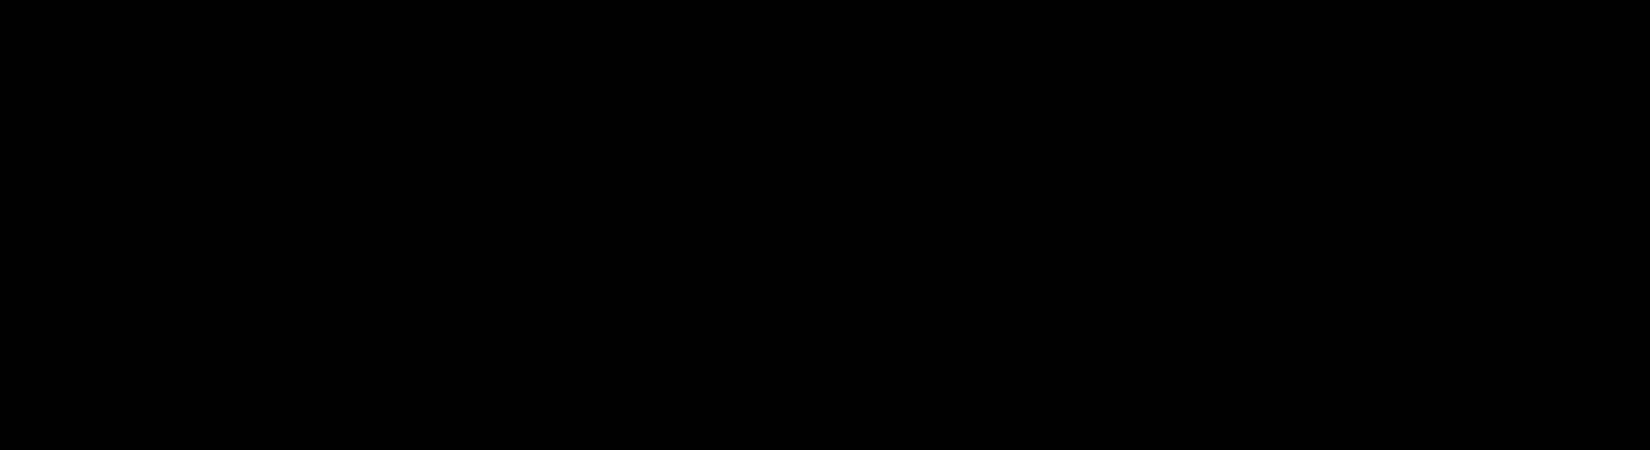 CXA_3